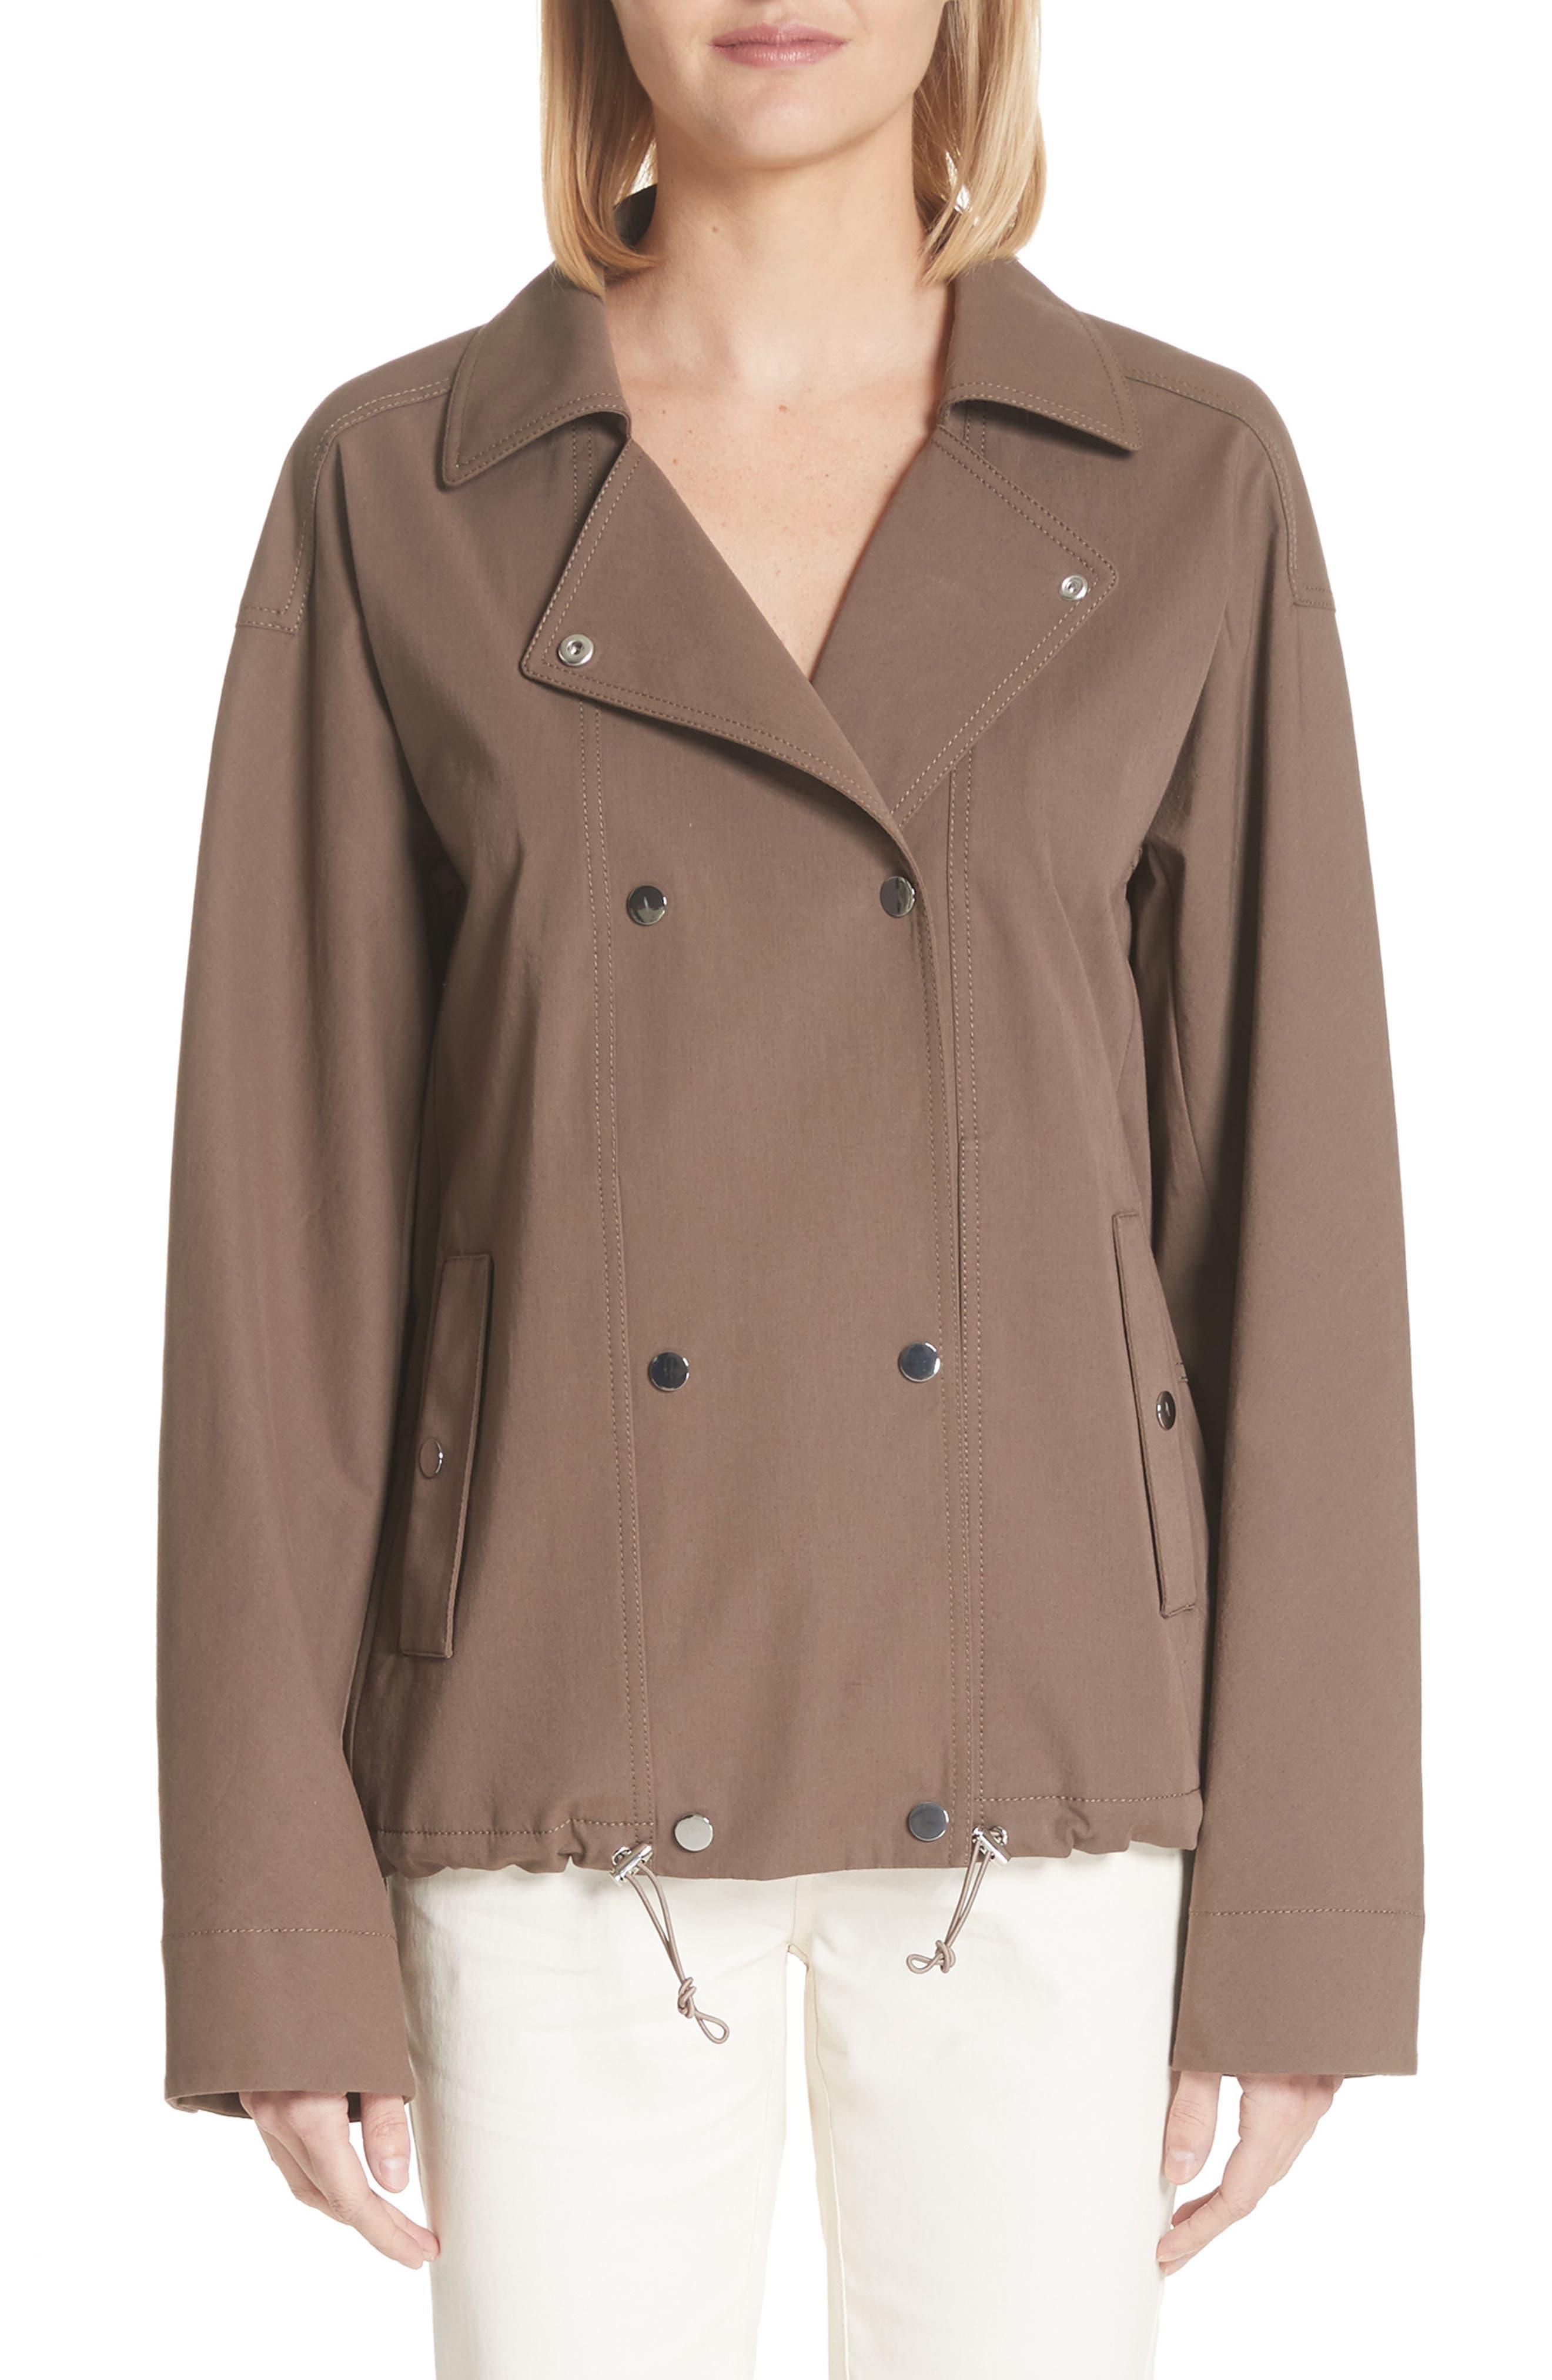 Maxton Jacket,                         Main,                         color, Nougat